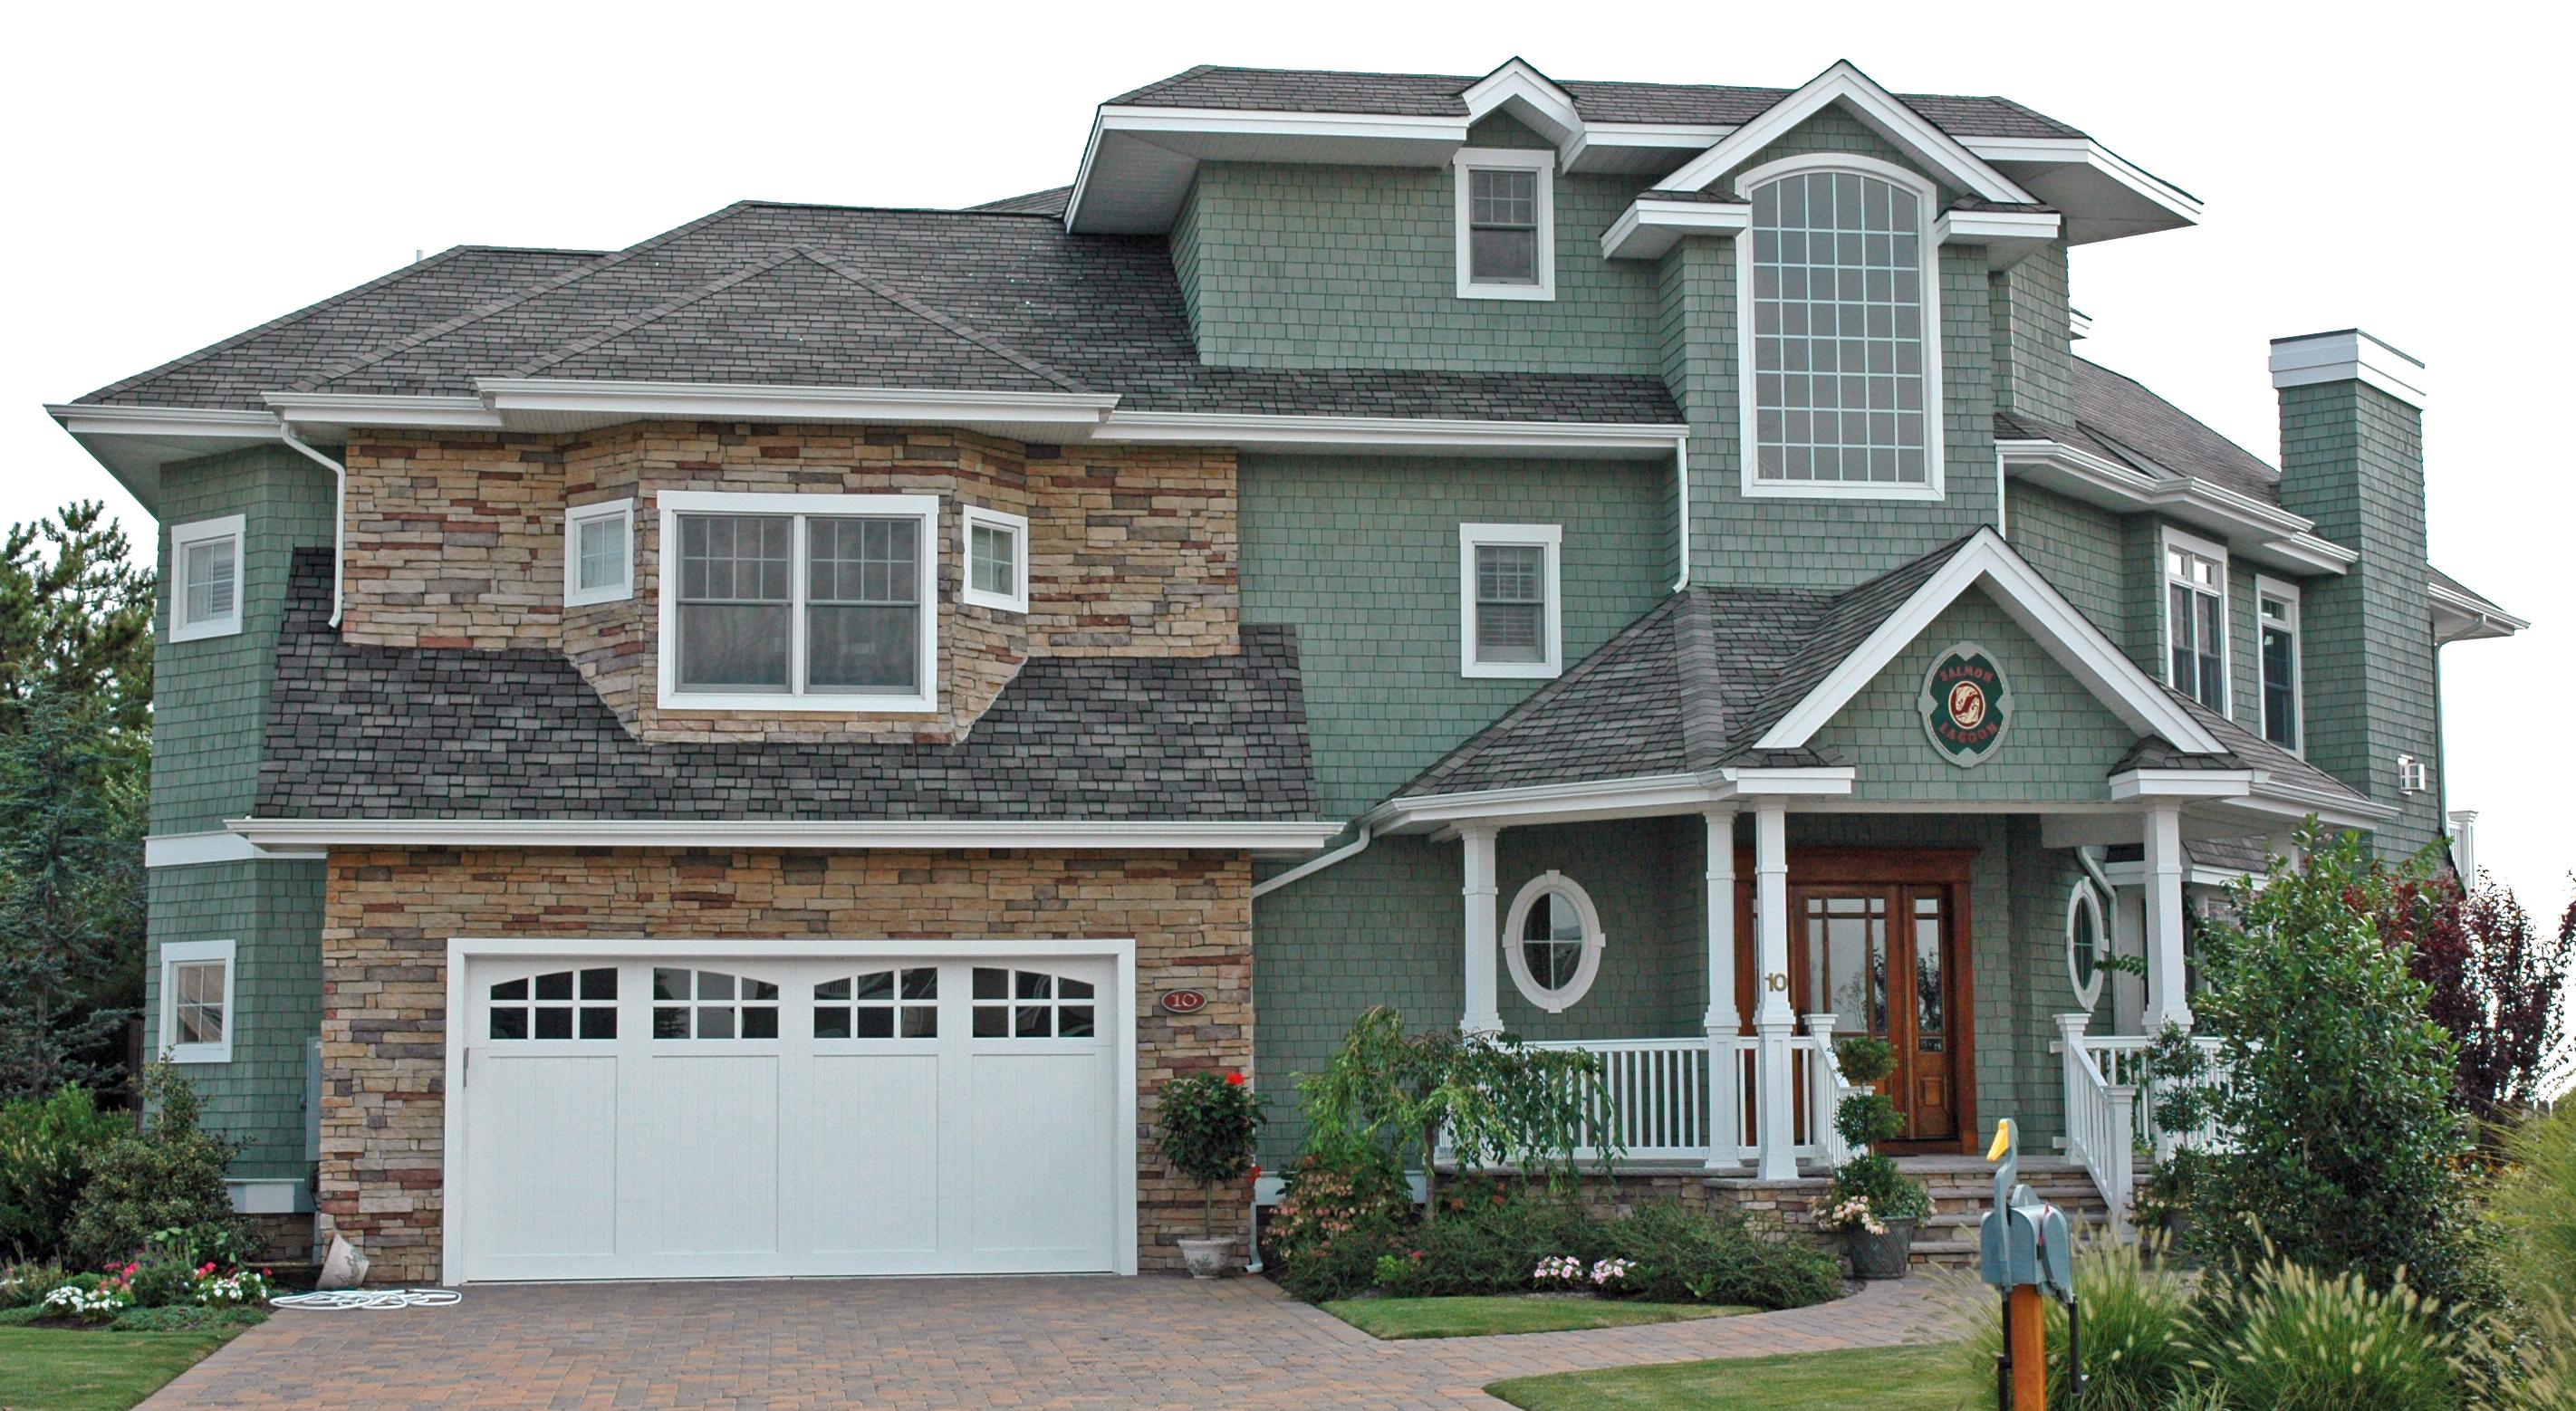 Great Roofing Lexington Sc 1 St Lexington KY Roofing Contractors